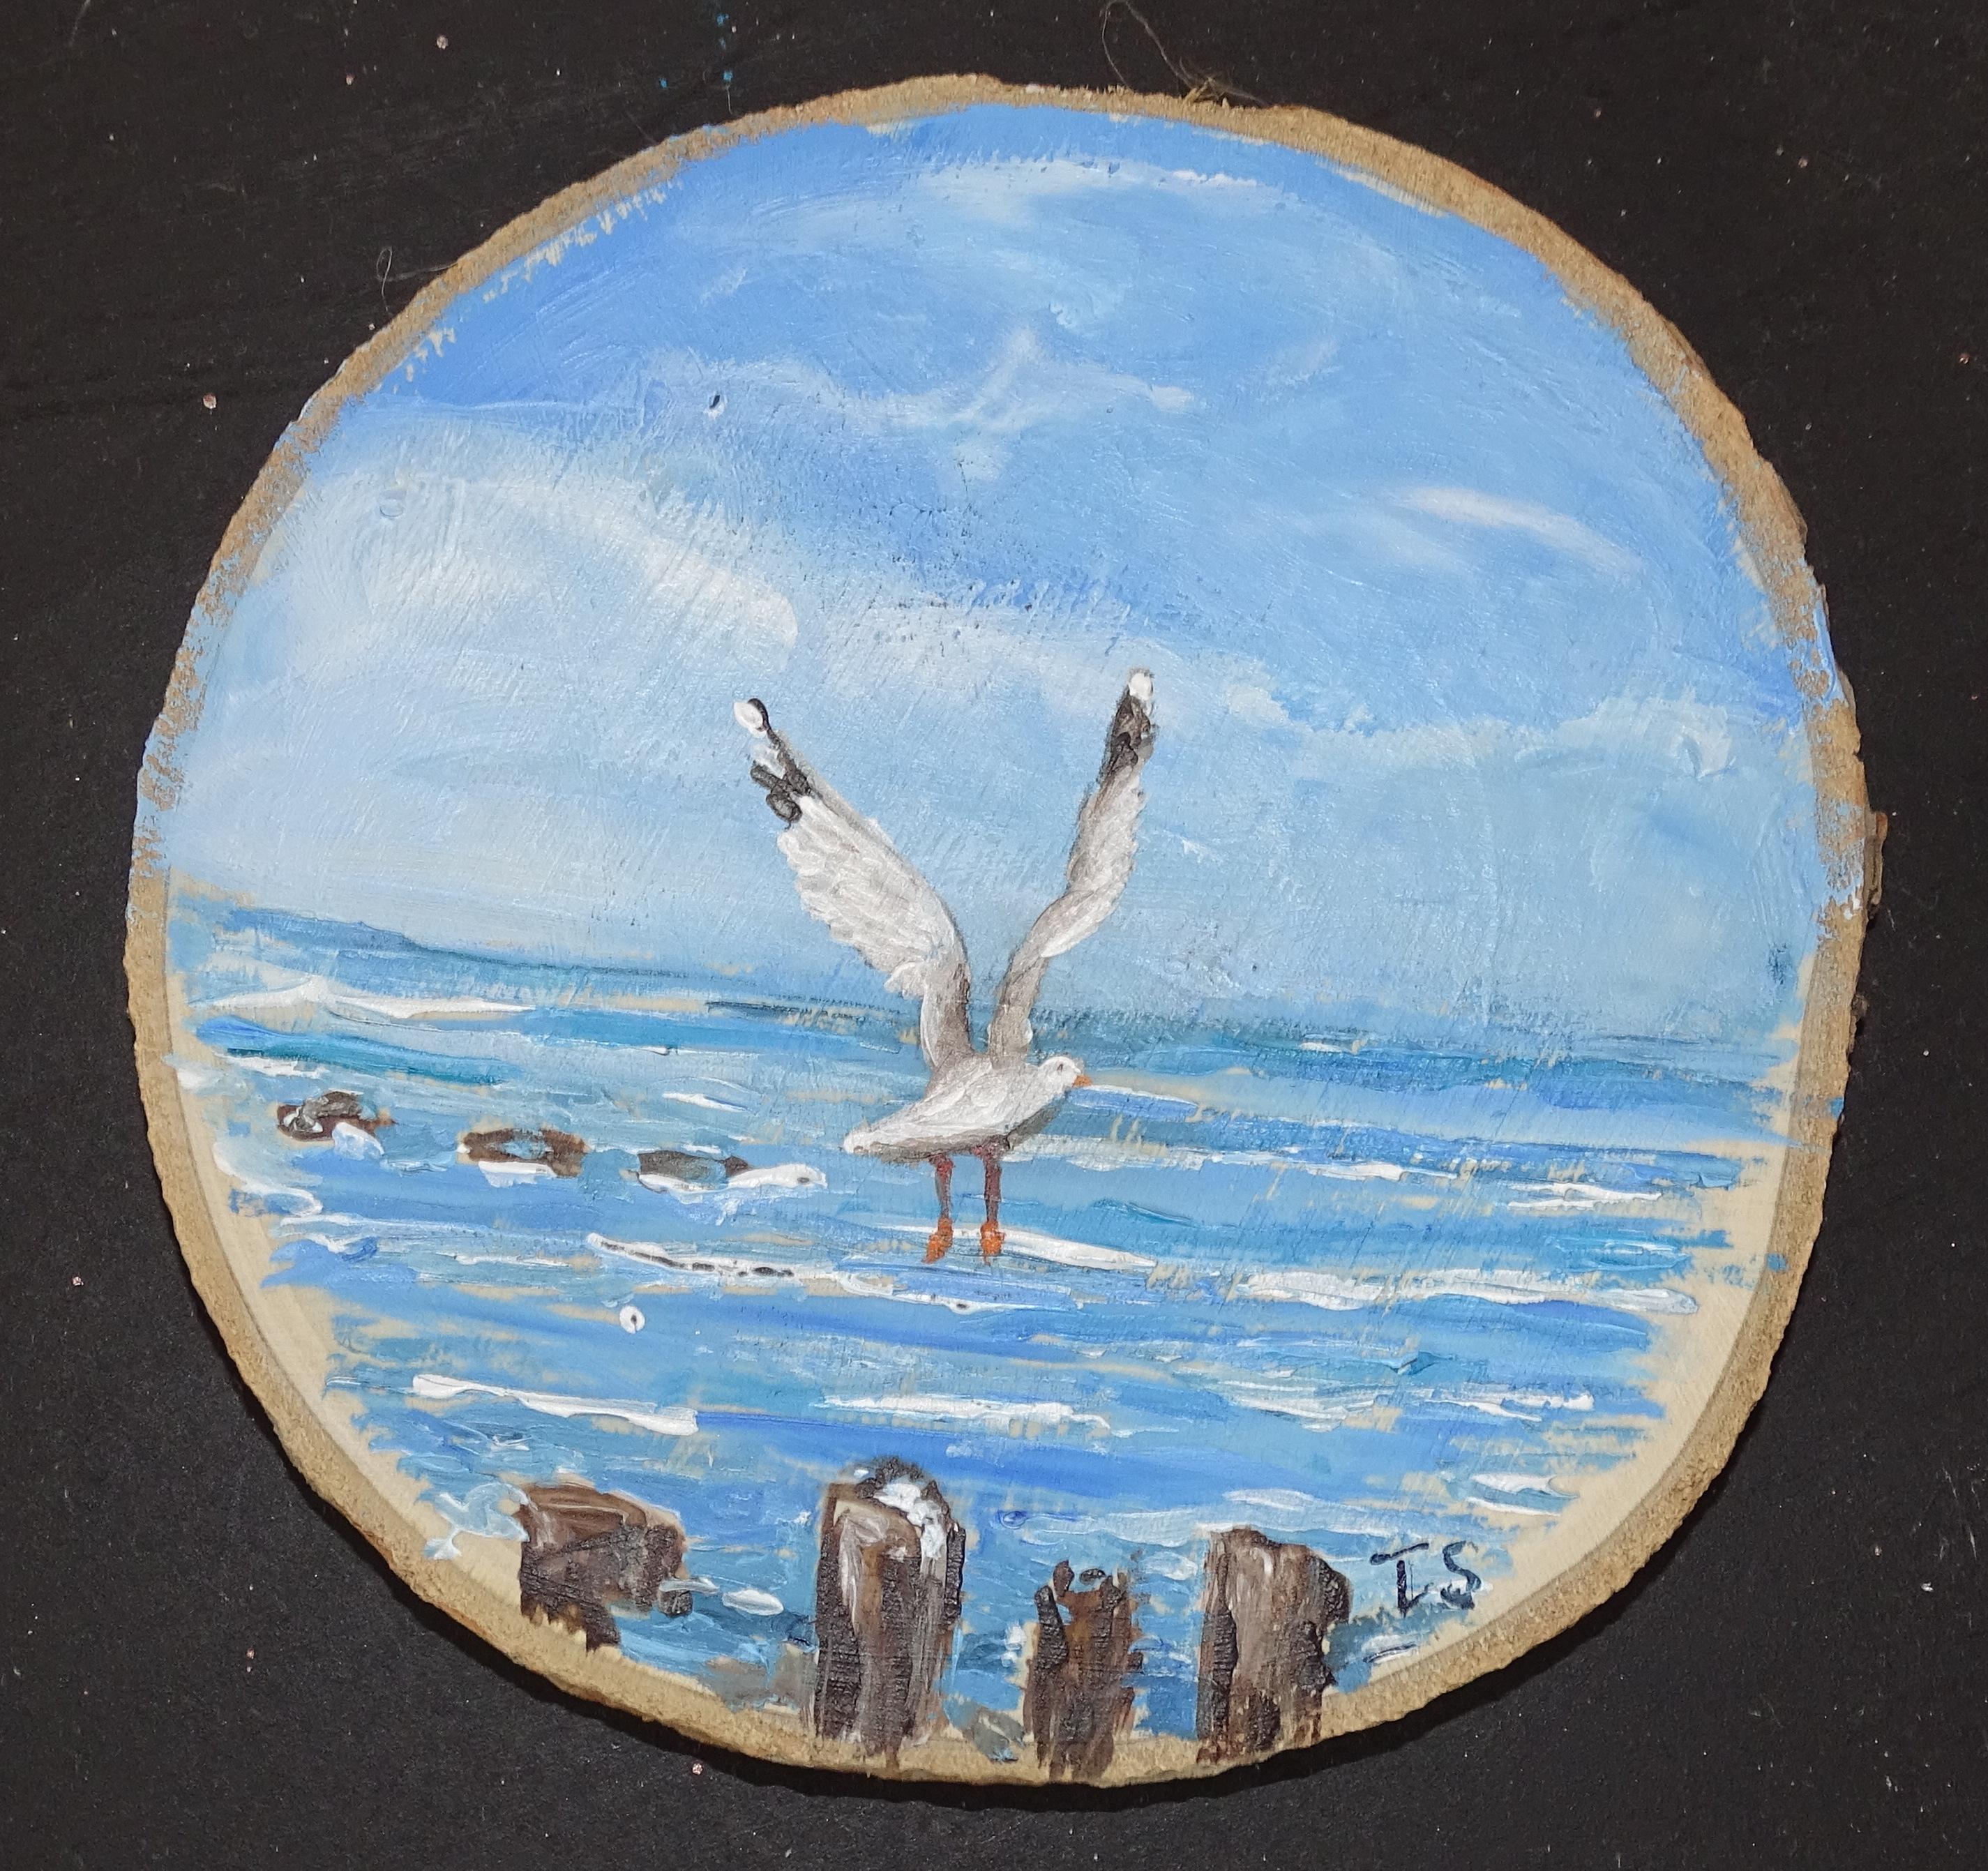 Meeuw en zee op houtschijf 12x12  7,50